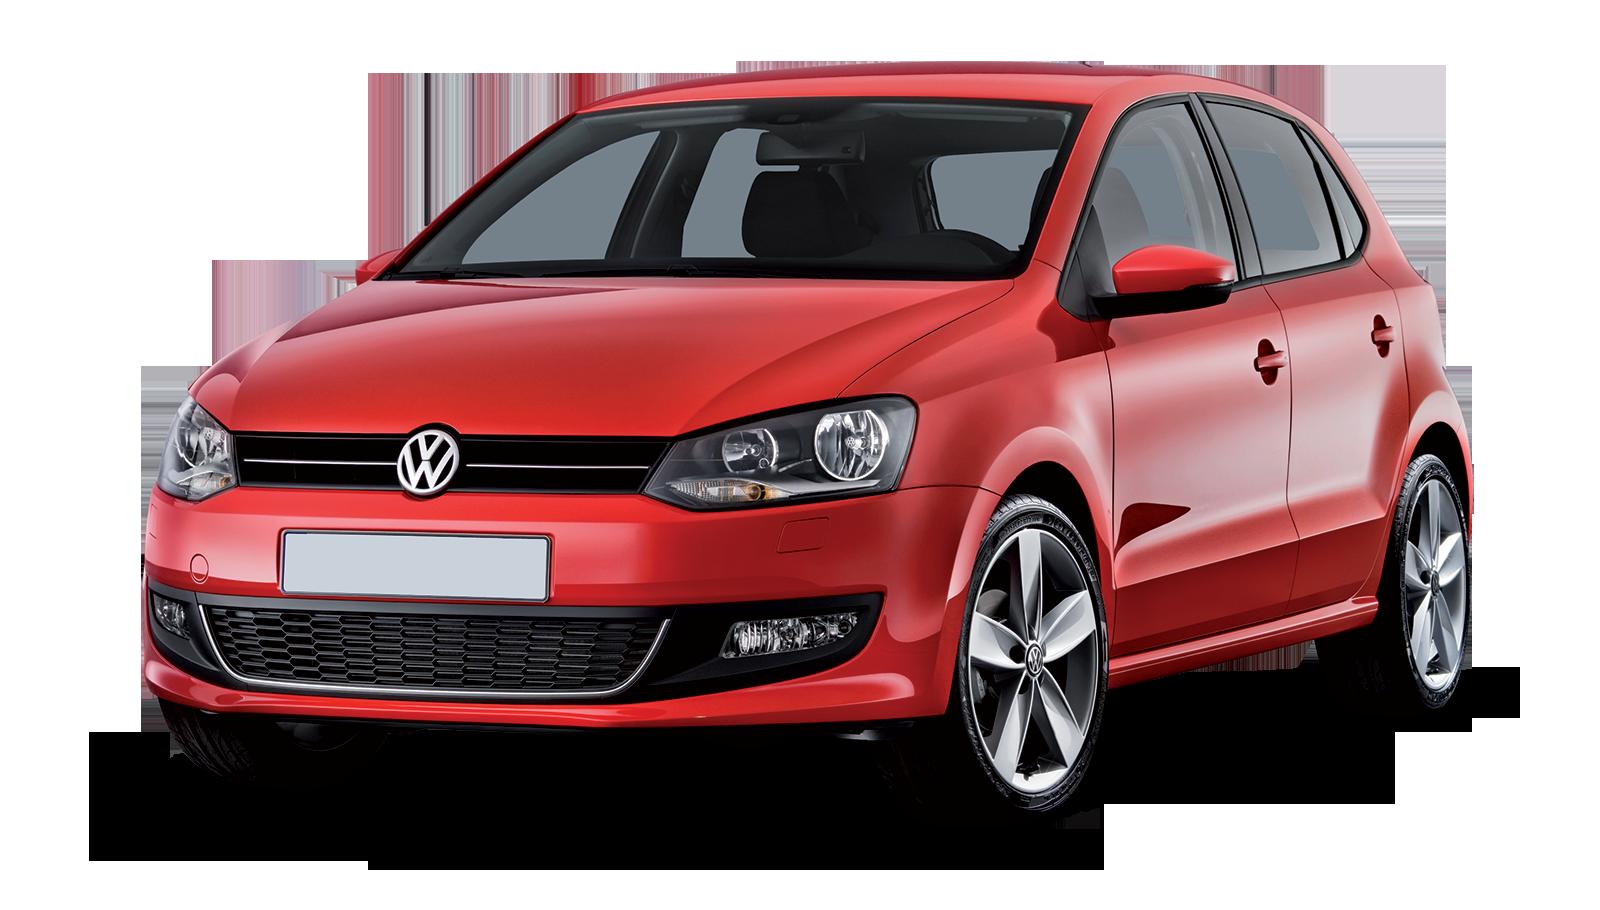 Volkswagen PNG Image | Volkswagen, Volkswagen car models